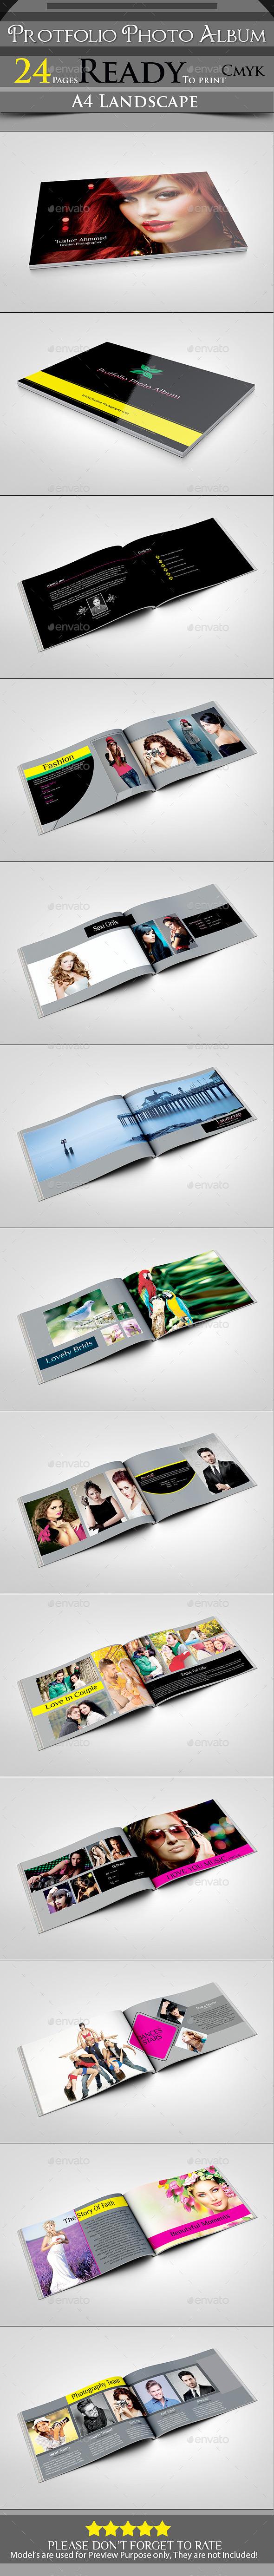 Protfolio Photo Album  - Photo Albums Print Templates